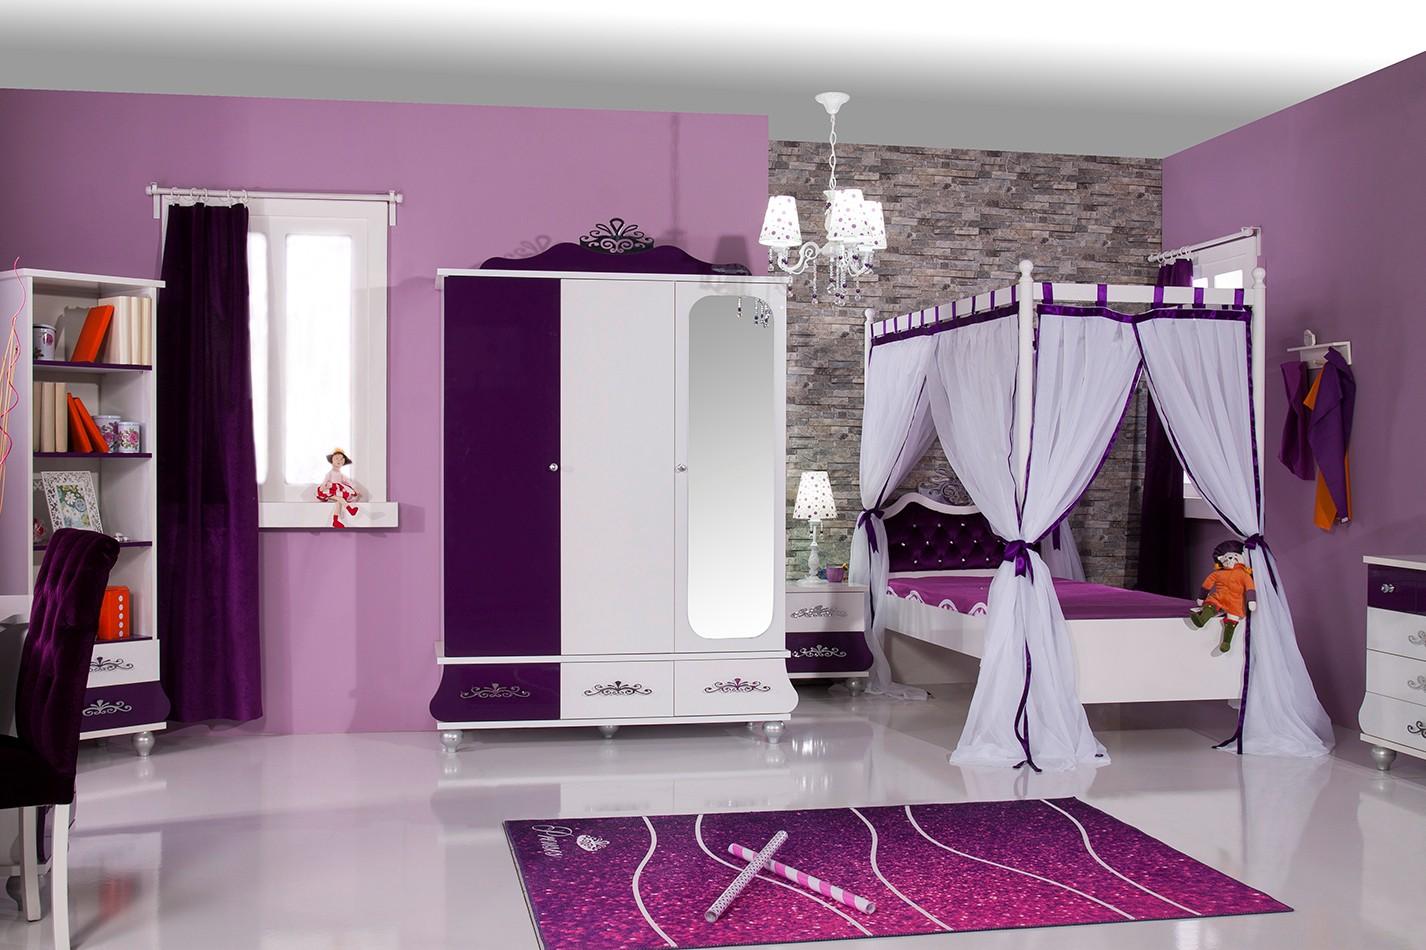 Meiden slaapkamer idee - Slaapkamer accessoire ...